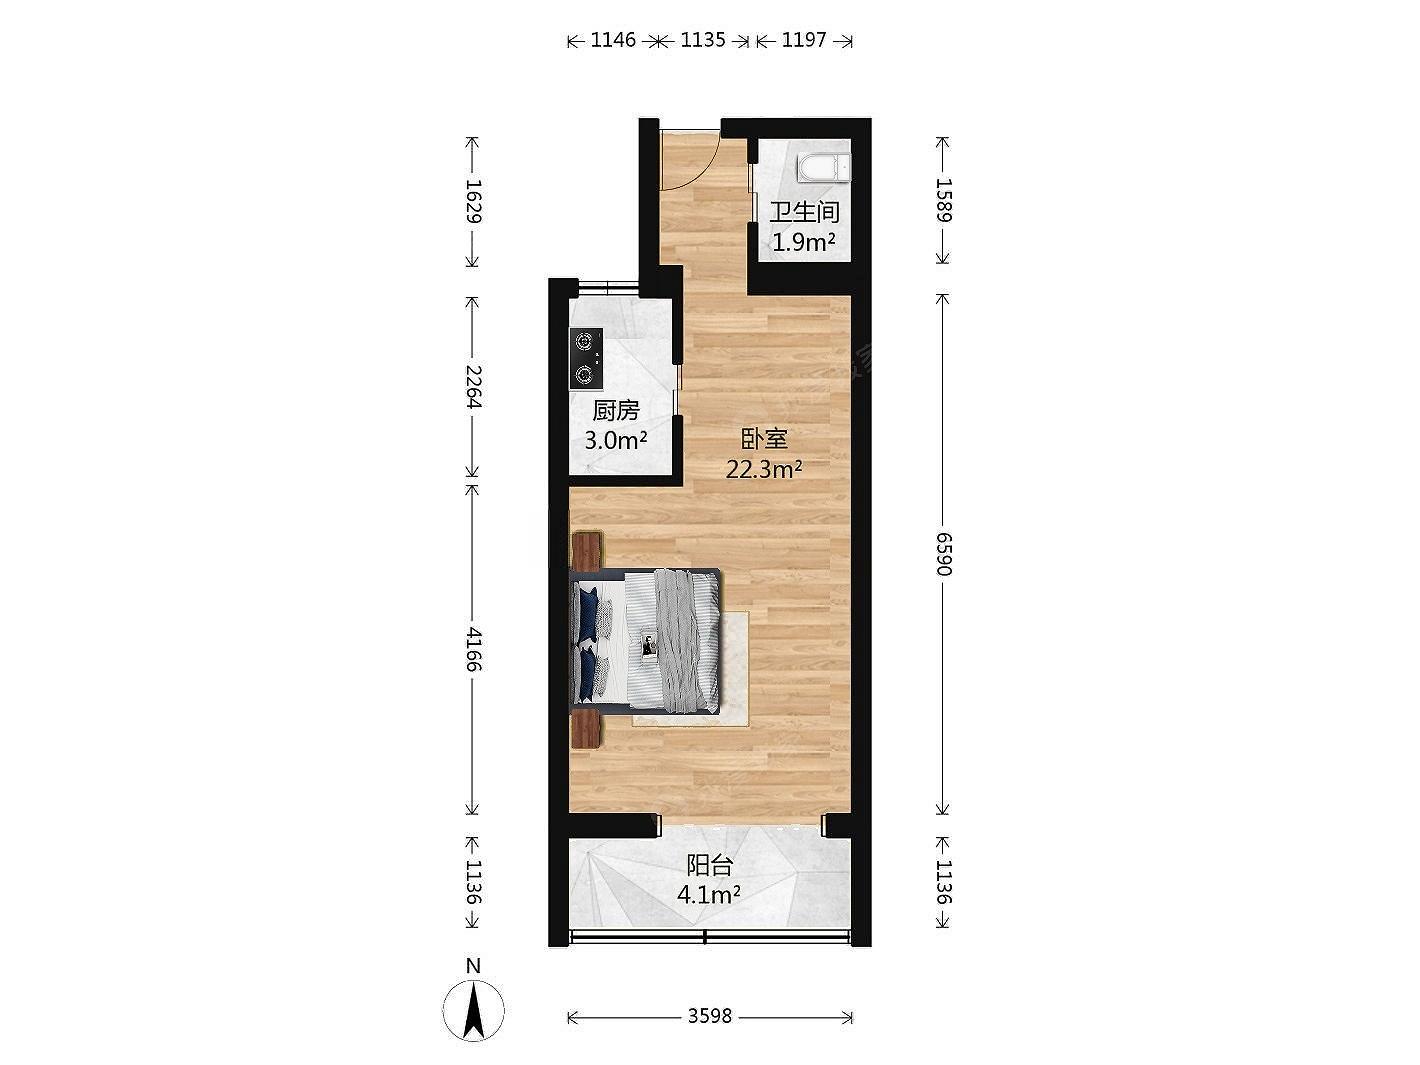 太平桥东里 新上一居室 交通方便 看房提前联系